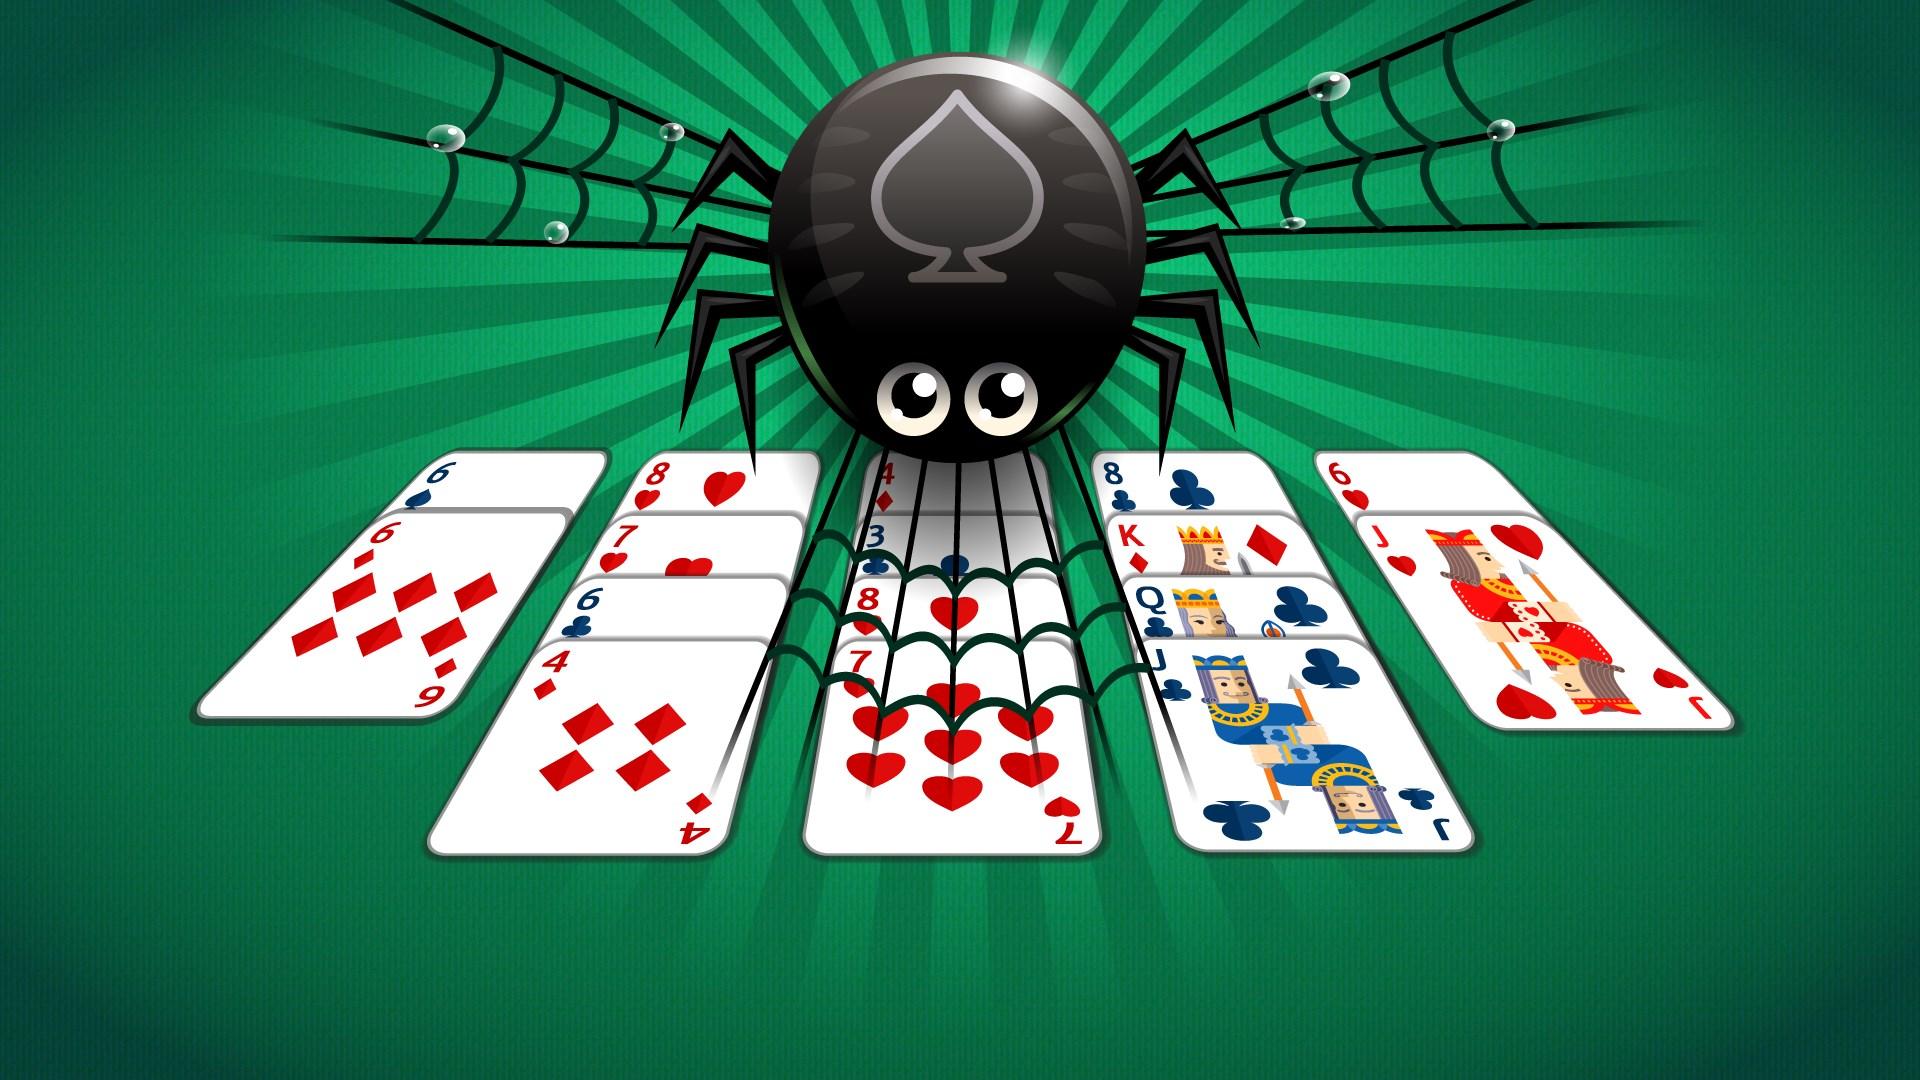 تحميل لعبة سوليتير العنكبوت Spider Solitaire للايفون 2021